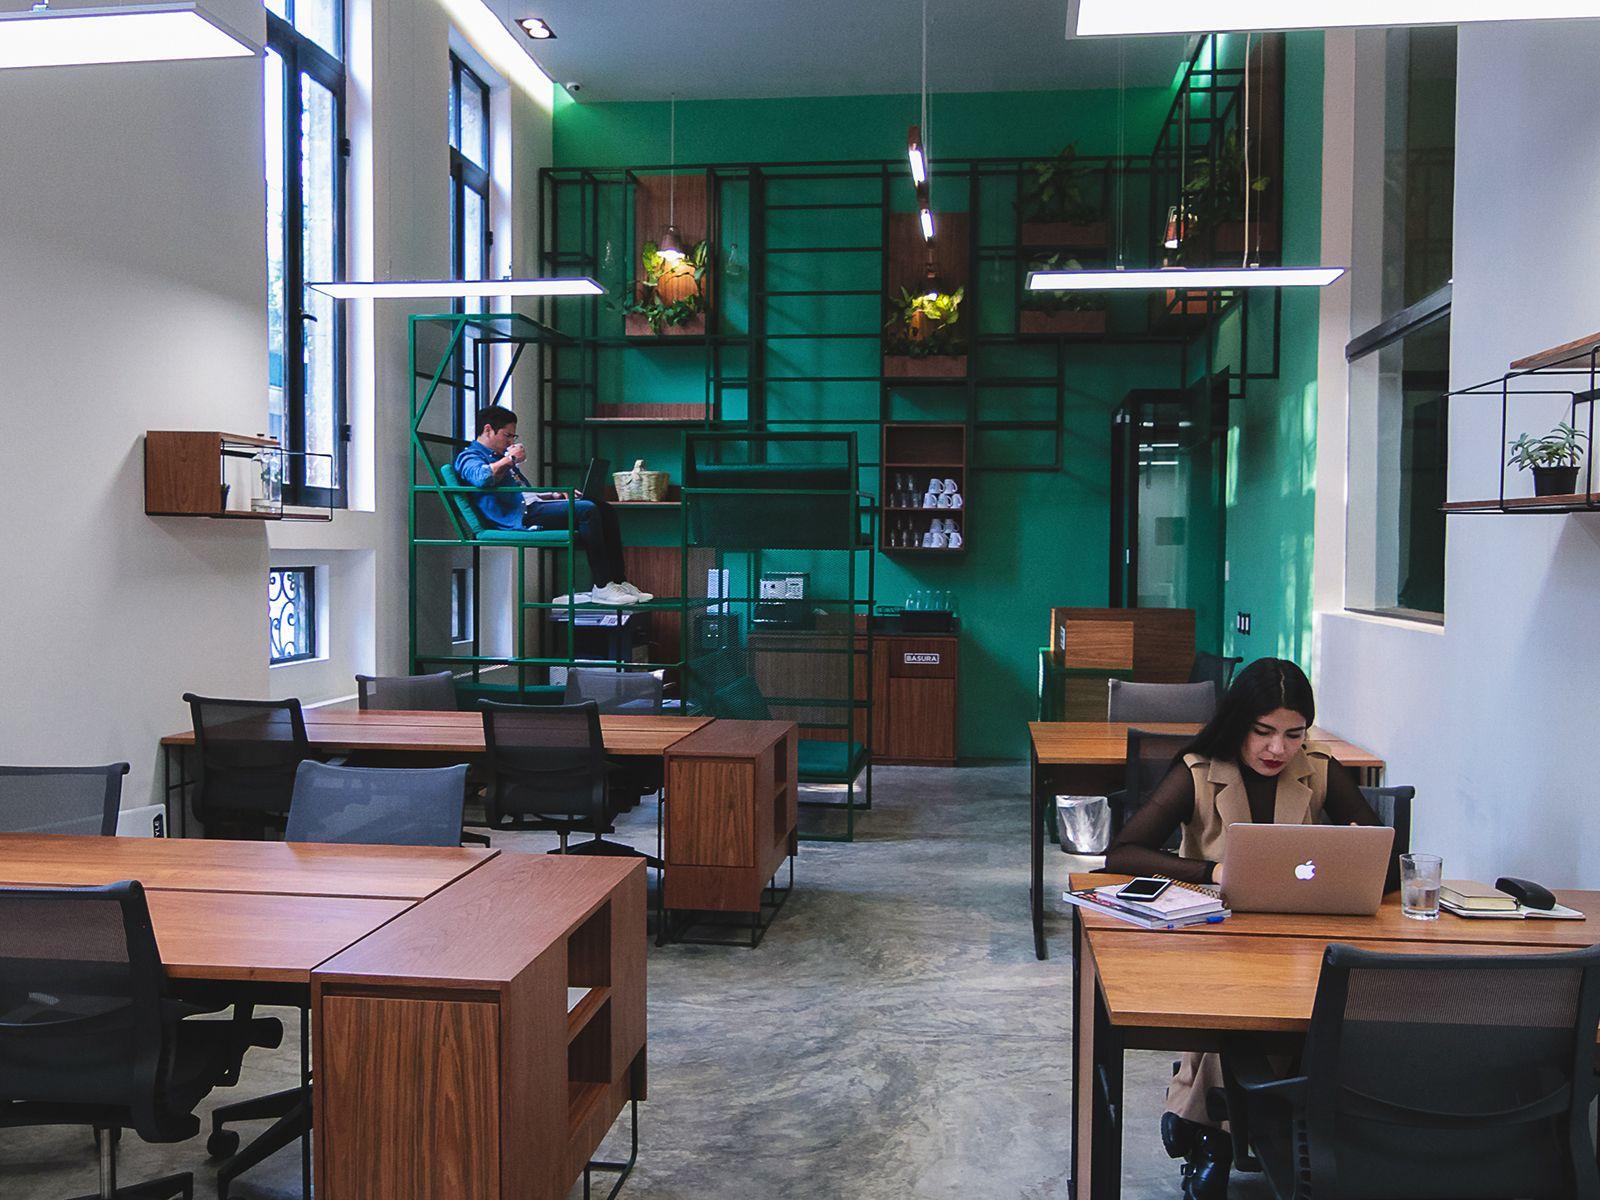 PÚBLICO Puebla 403, Mexico City